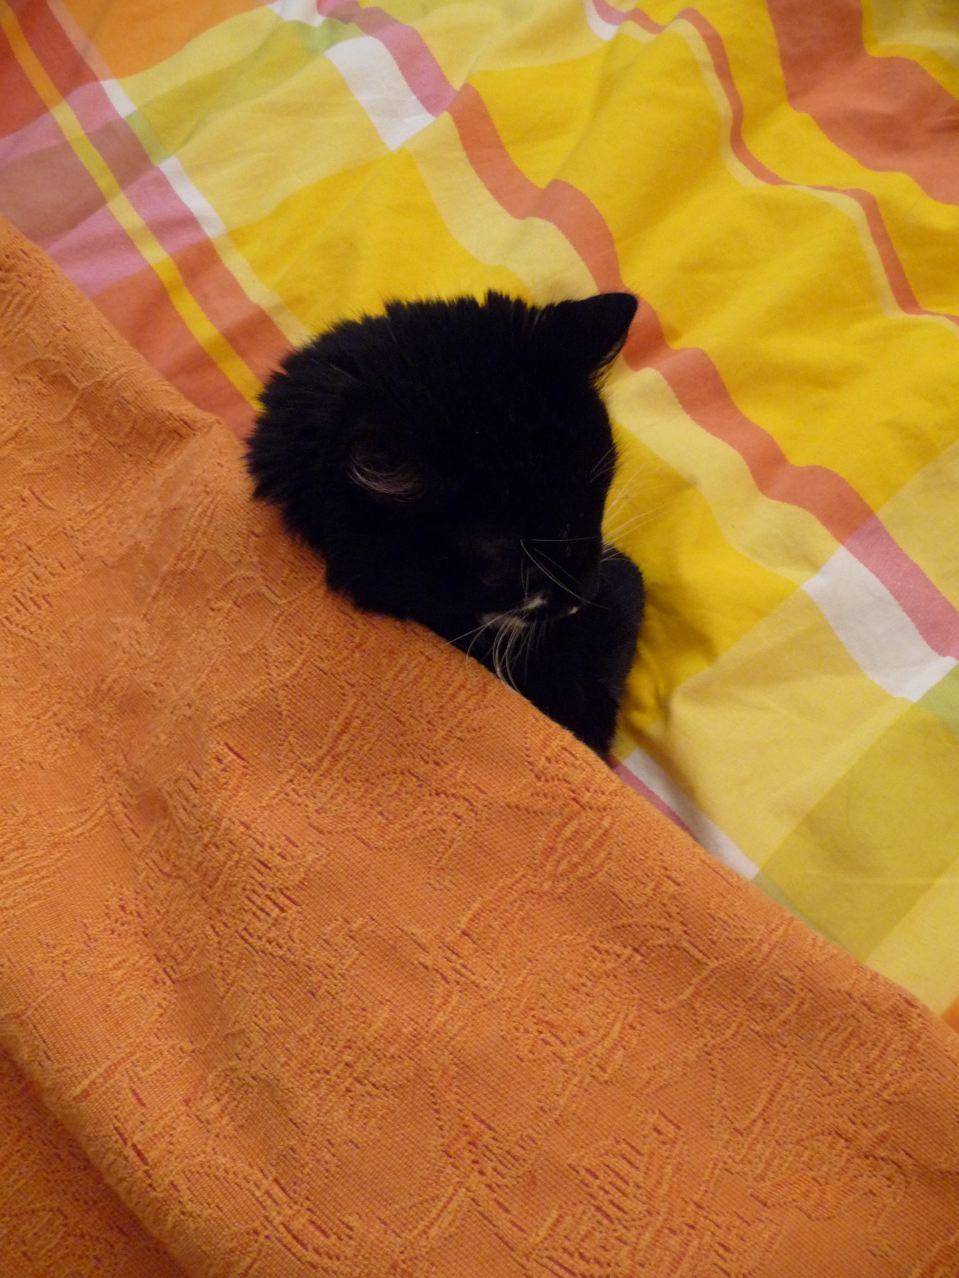 Iris la chatte enfilée sous le dessus de lit et couché sur la couette, photo Alain Delavie